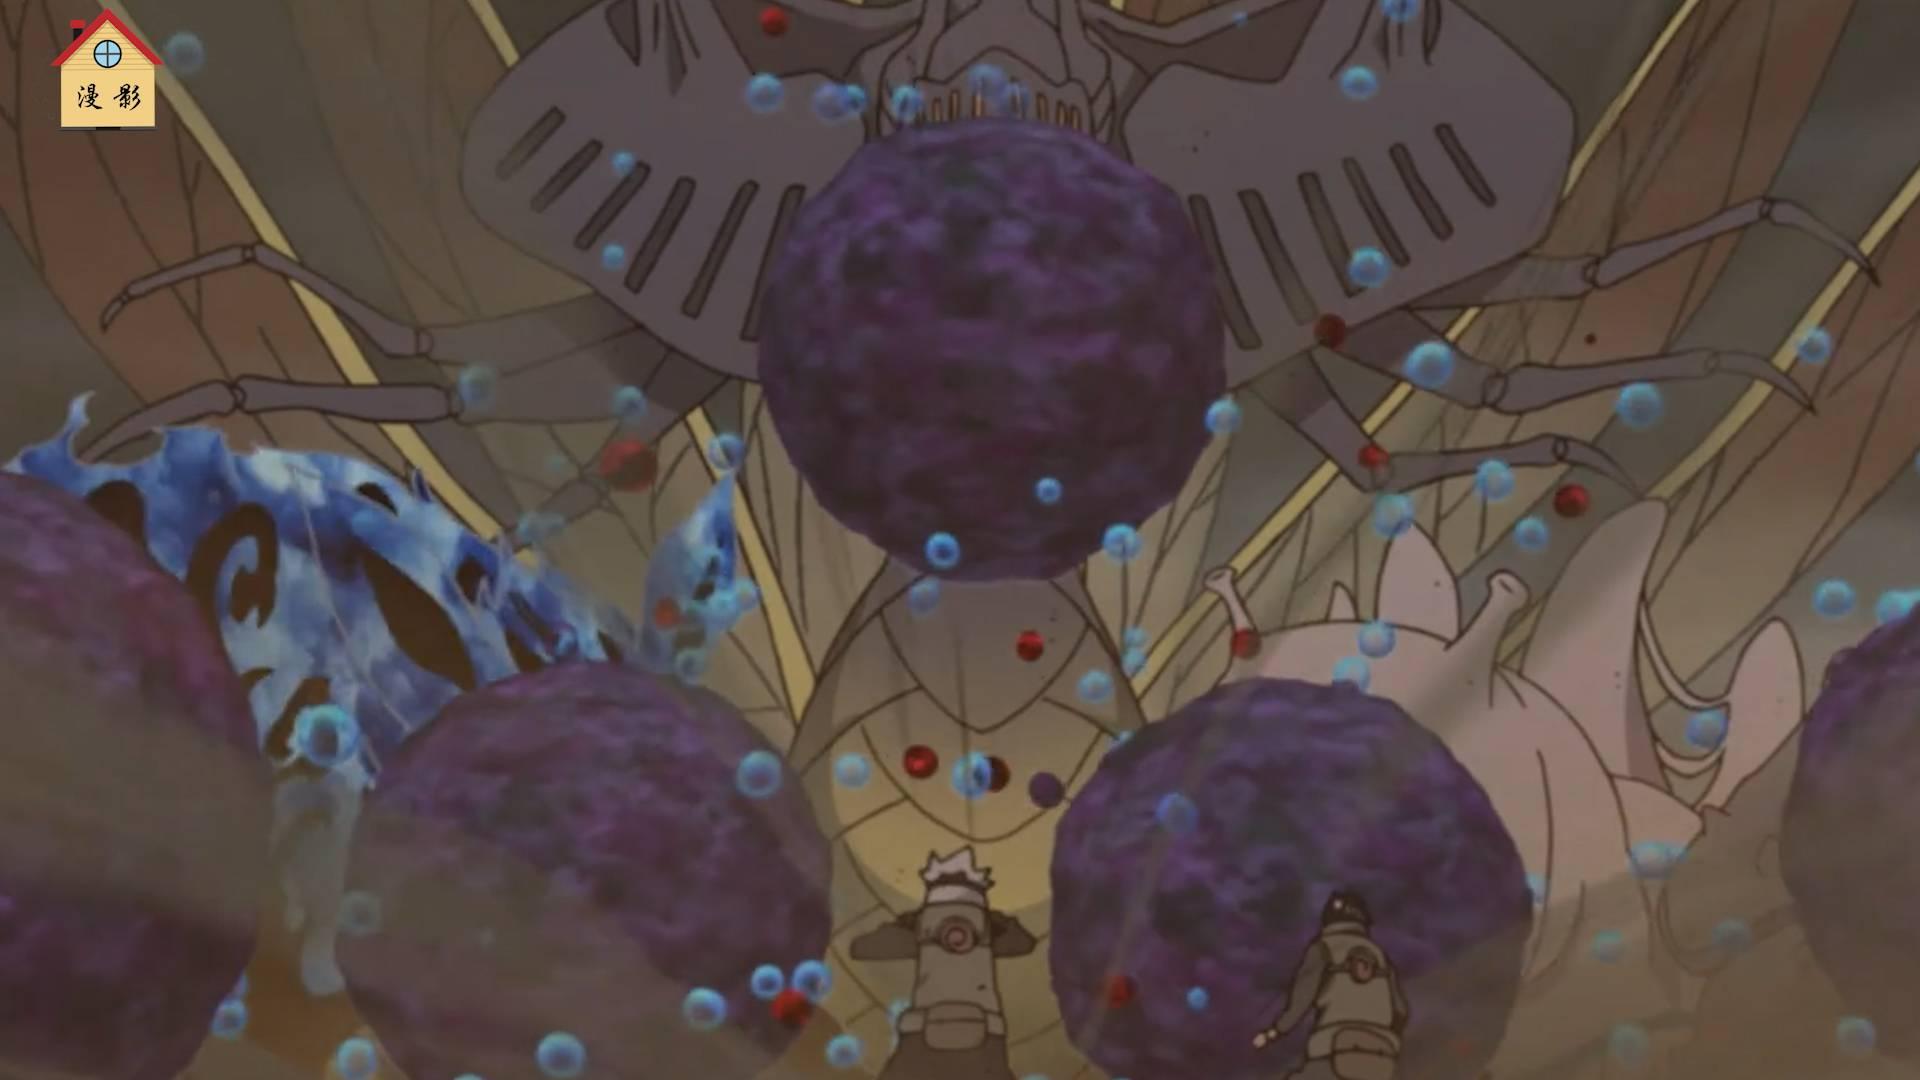 火影忍者:与卡卡西绝配的忍具,有它就能随意开神威,可却被遗忘